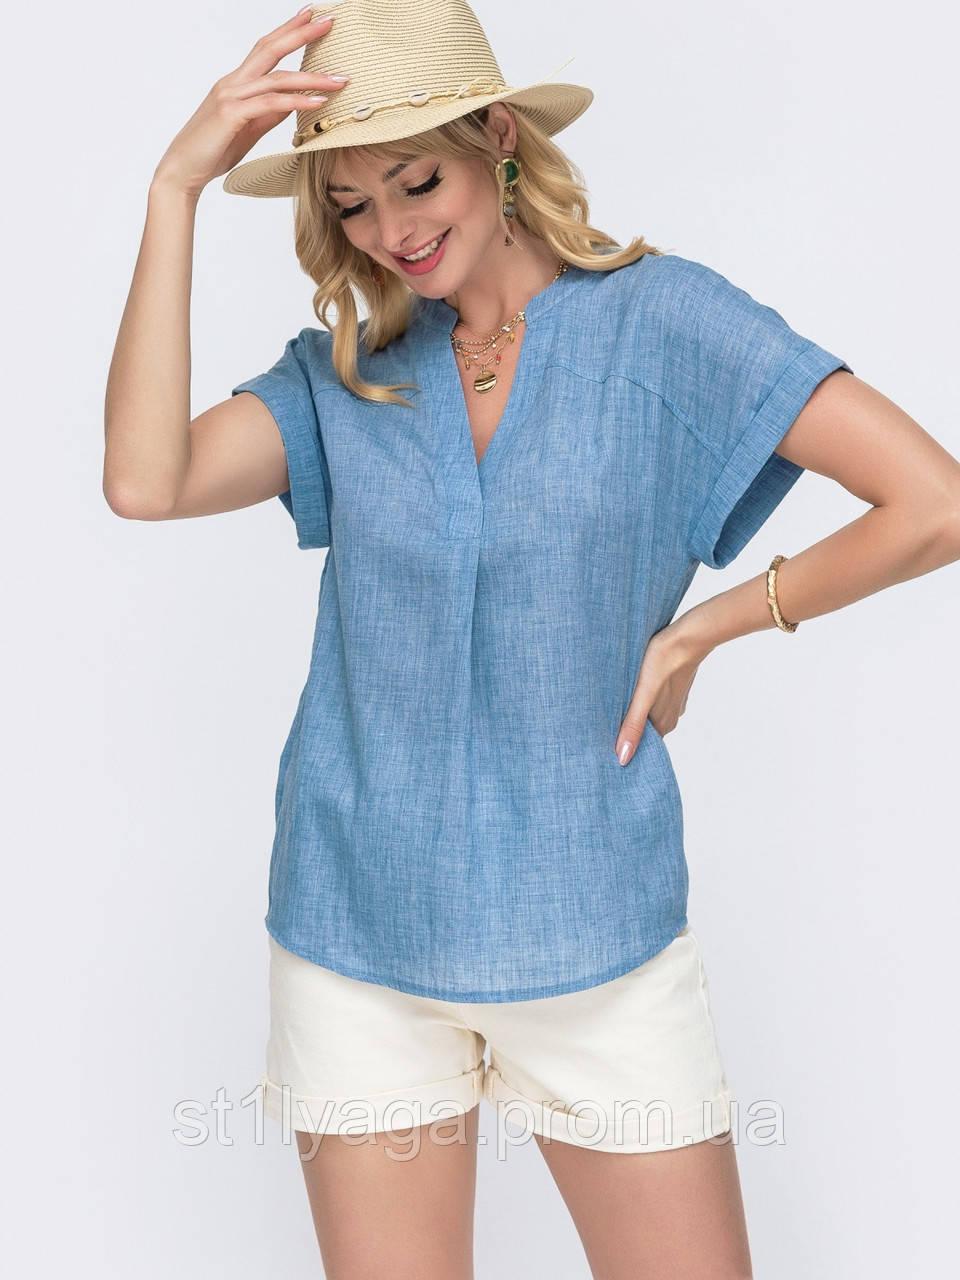 Свободная блузка из хлопка с V-образным вырезом ЛЕТО